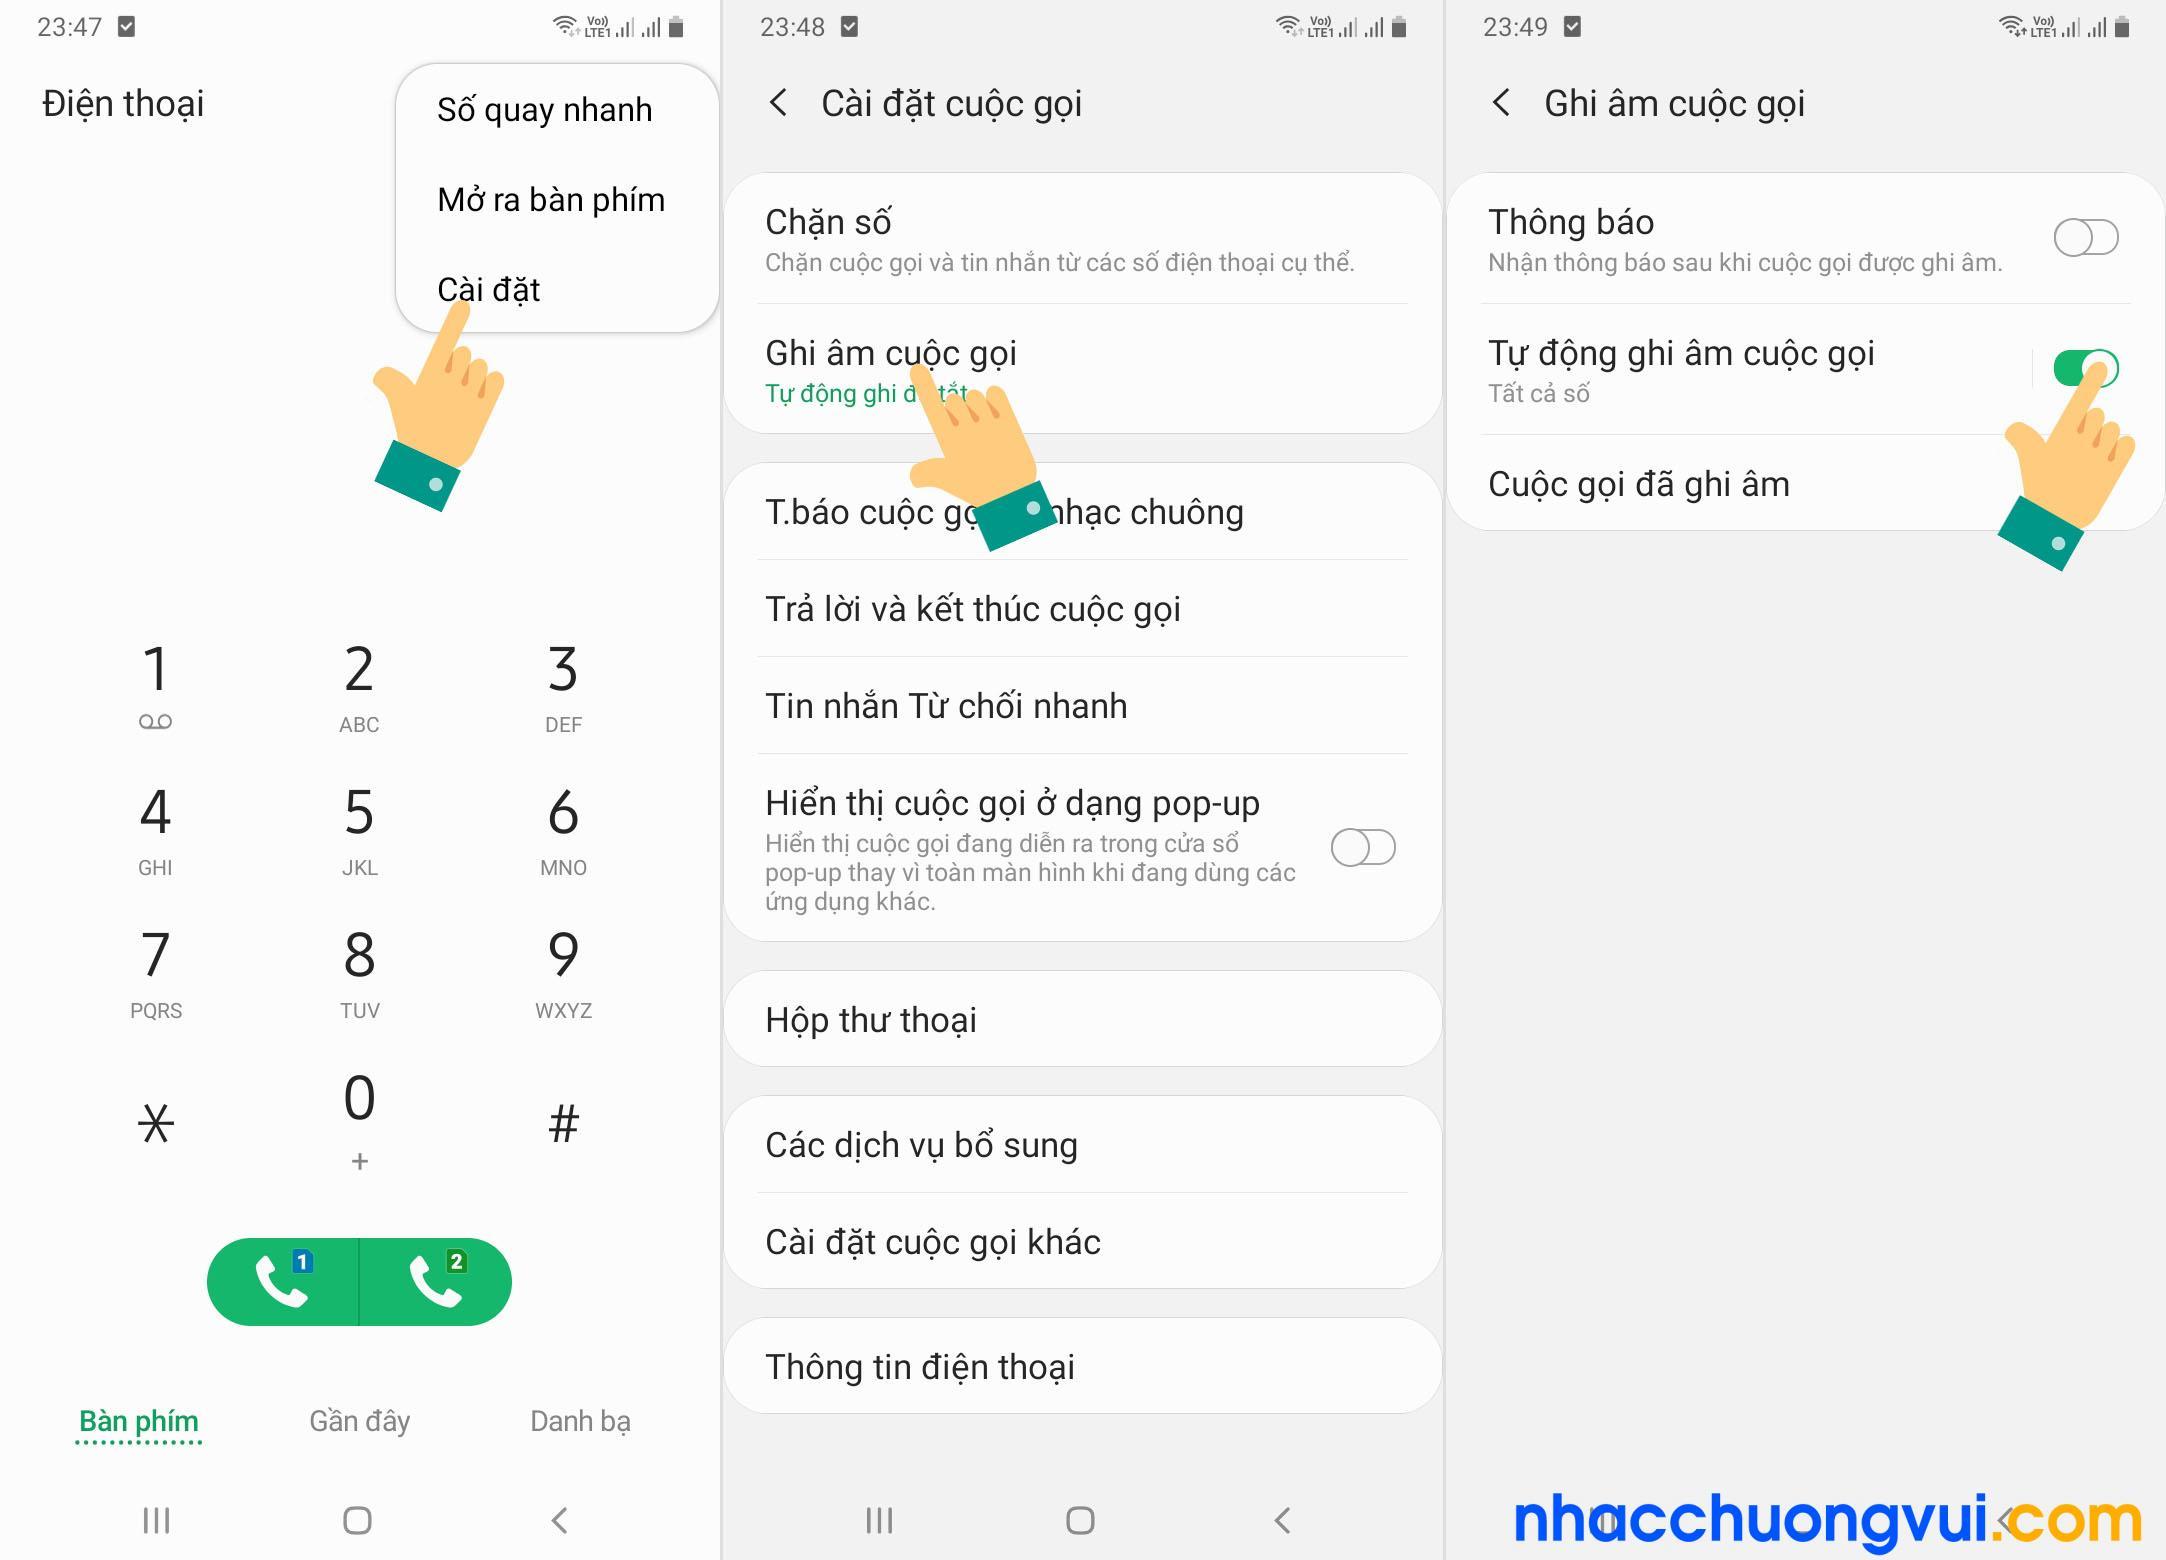 Cách tự động ghi âm cuộc gọi Samsung